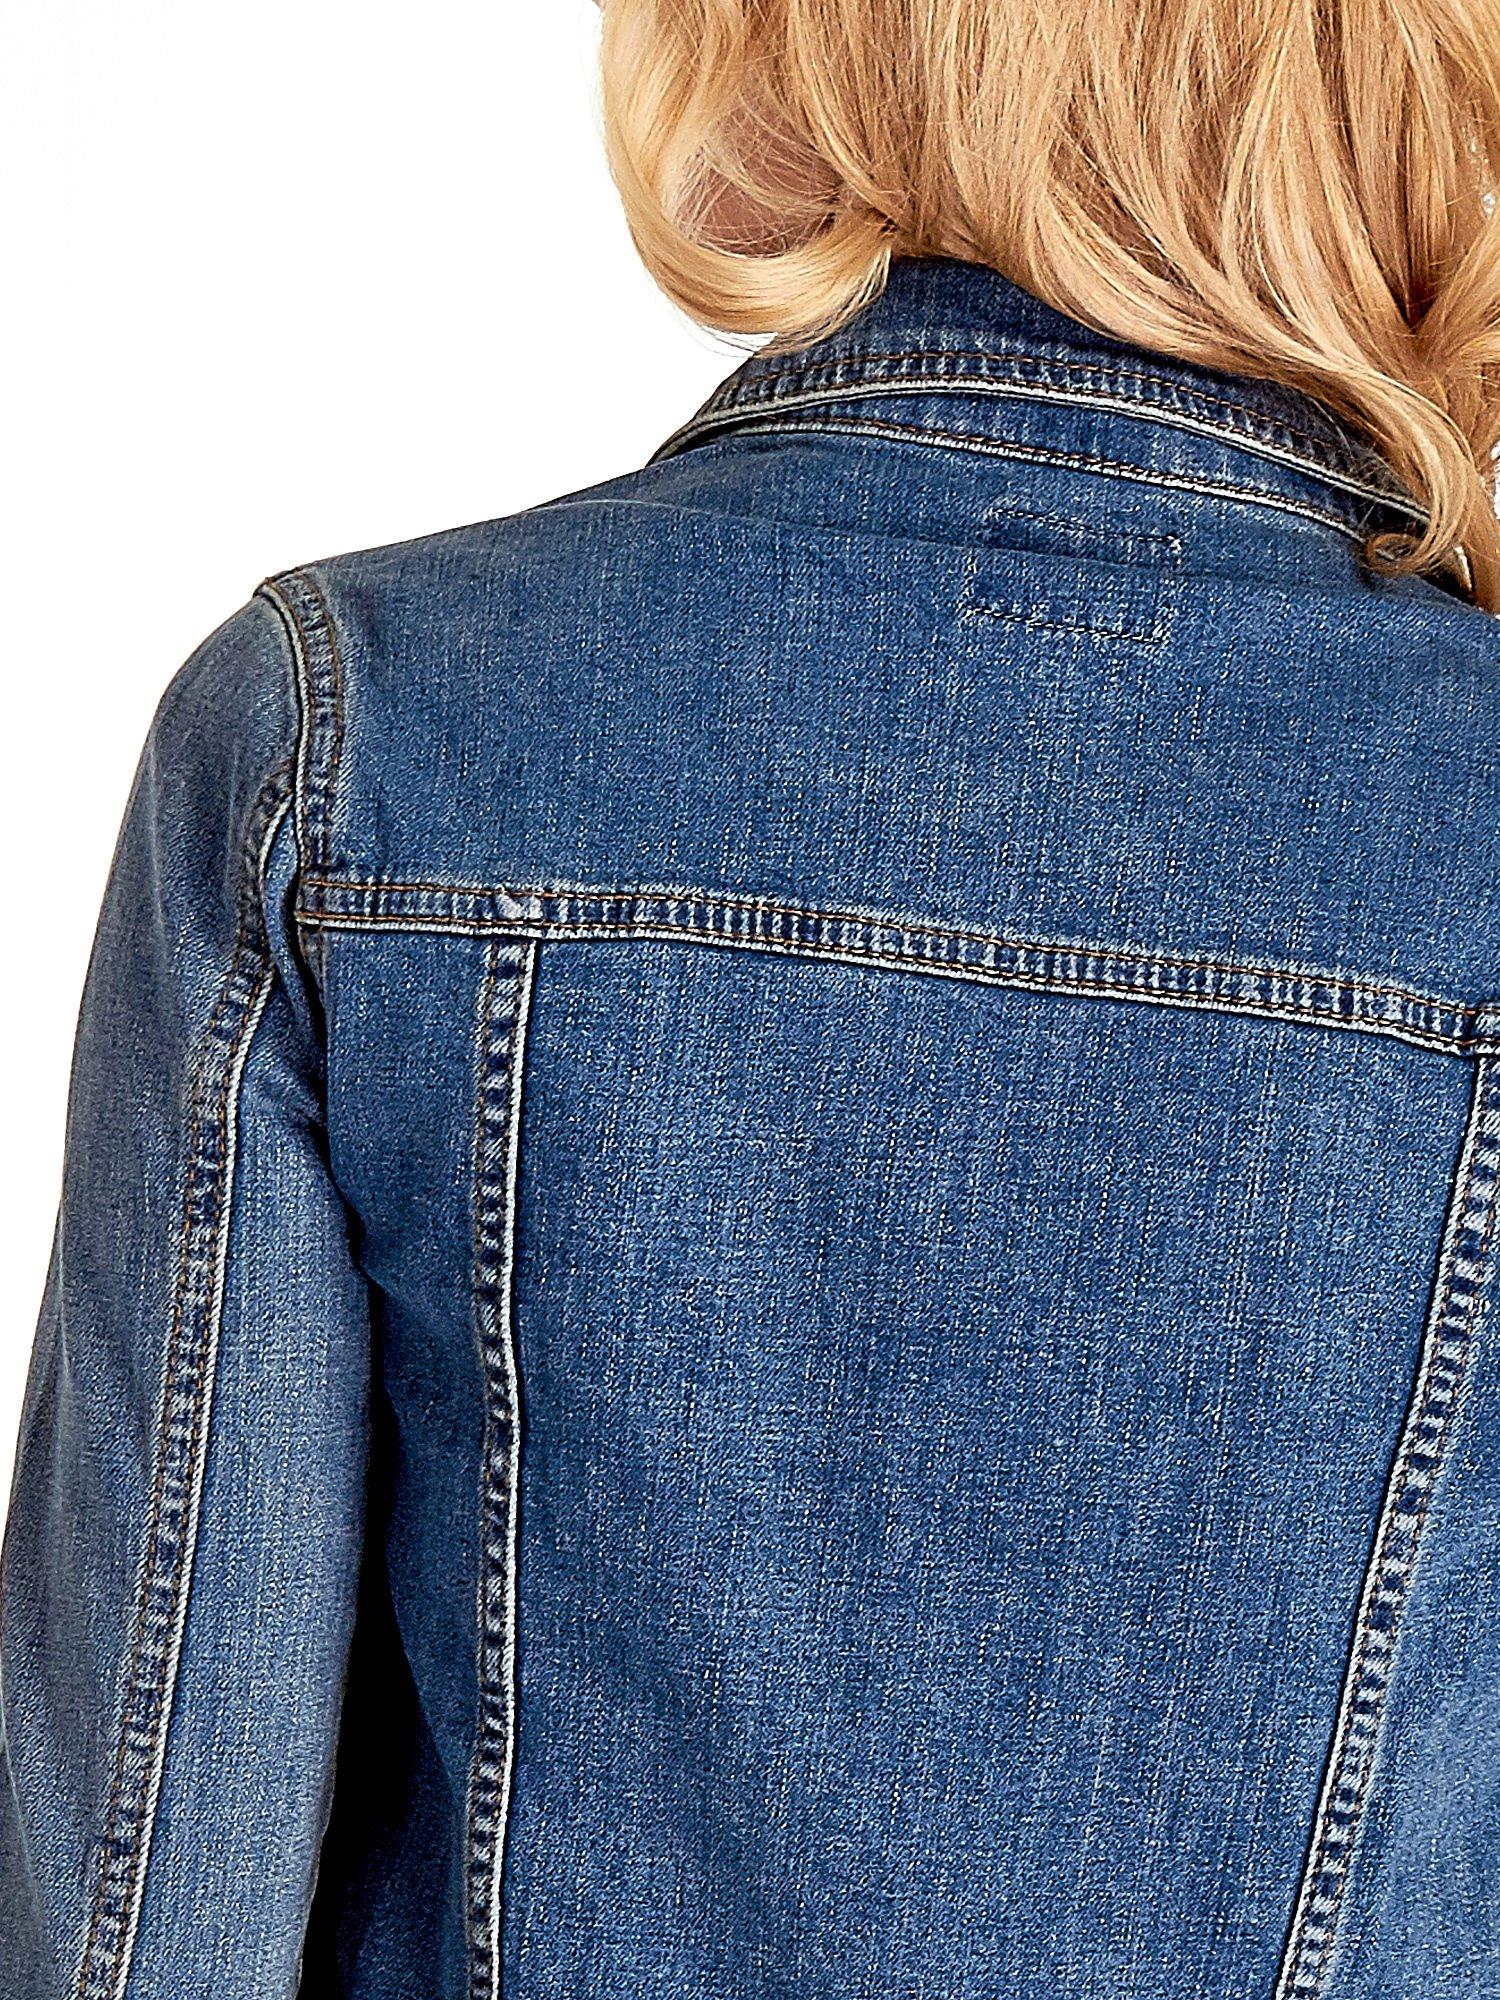 Niebieska klasyczna kurtka jeansowa damska                                  zdj.                                  7